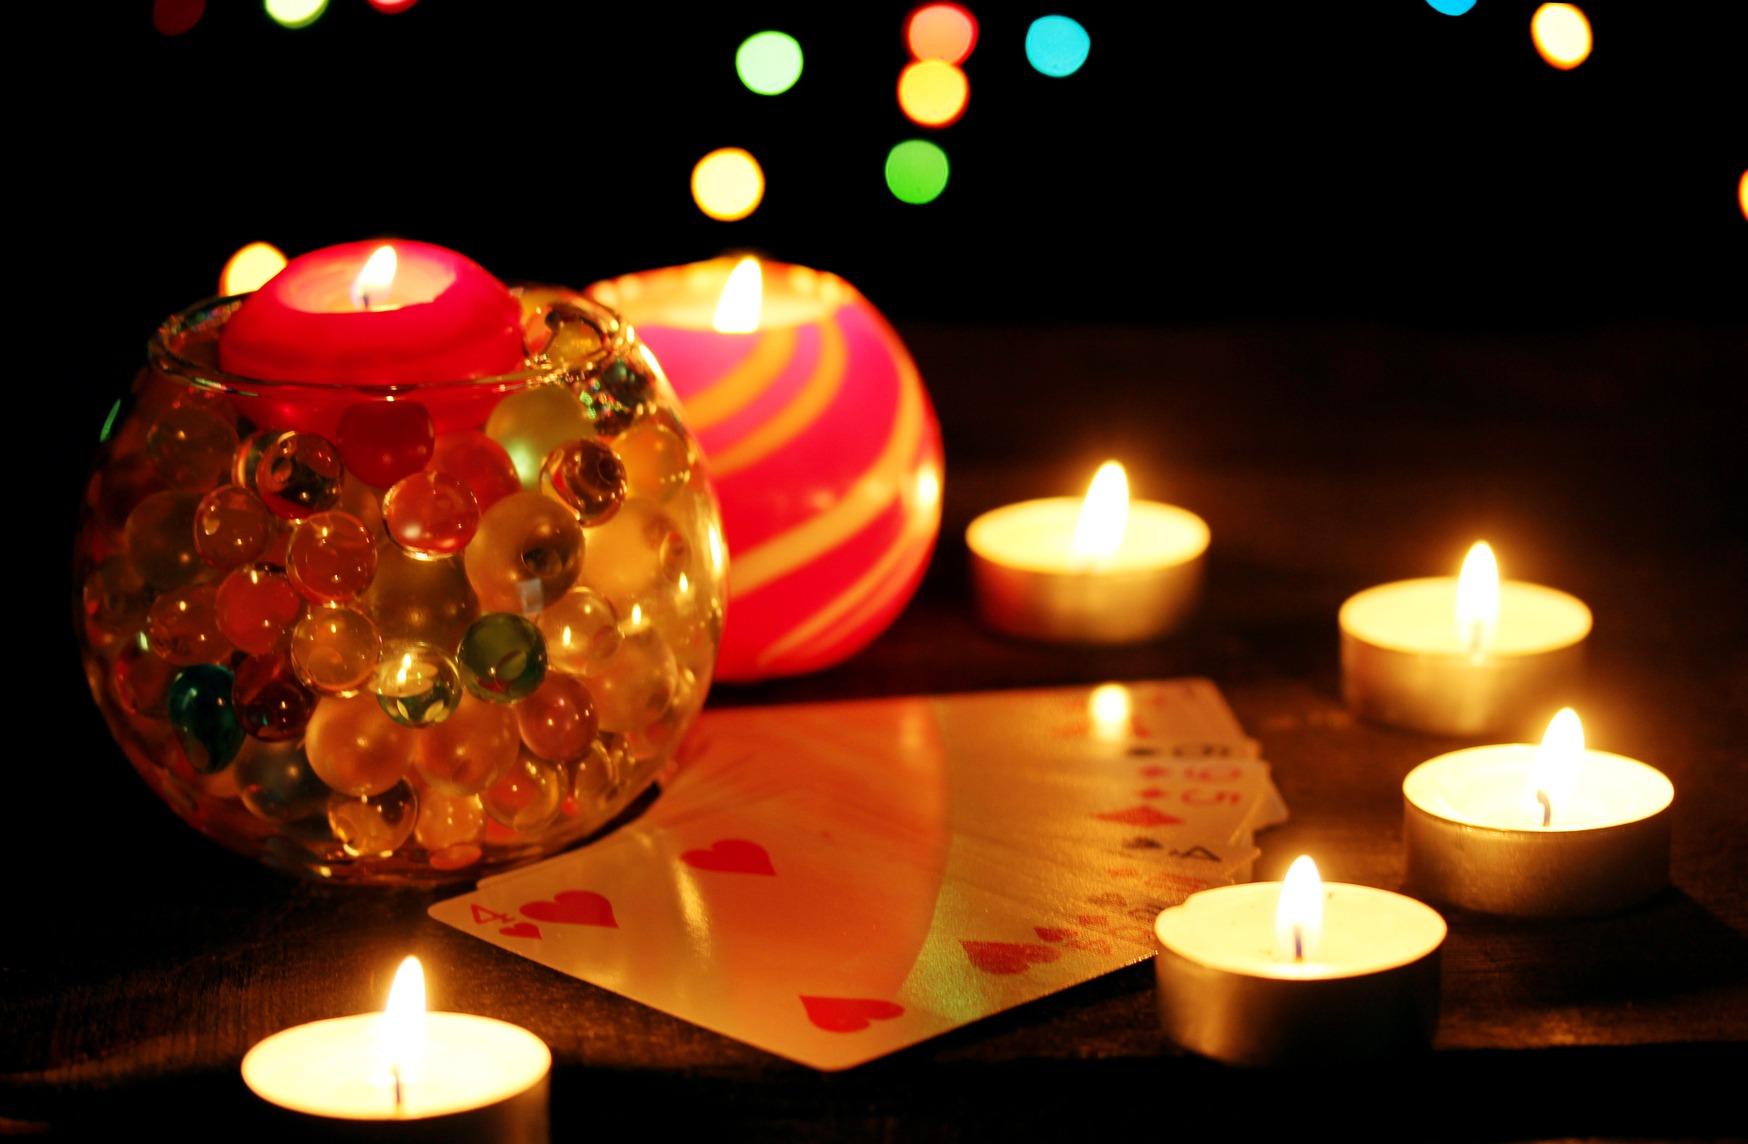 Самые лучшие гадания на Новый год и Рождество Христово: на любовь, будущее, исполнение желаний